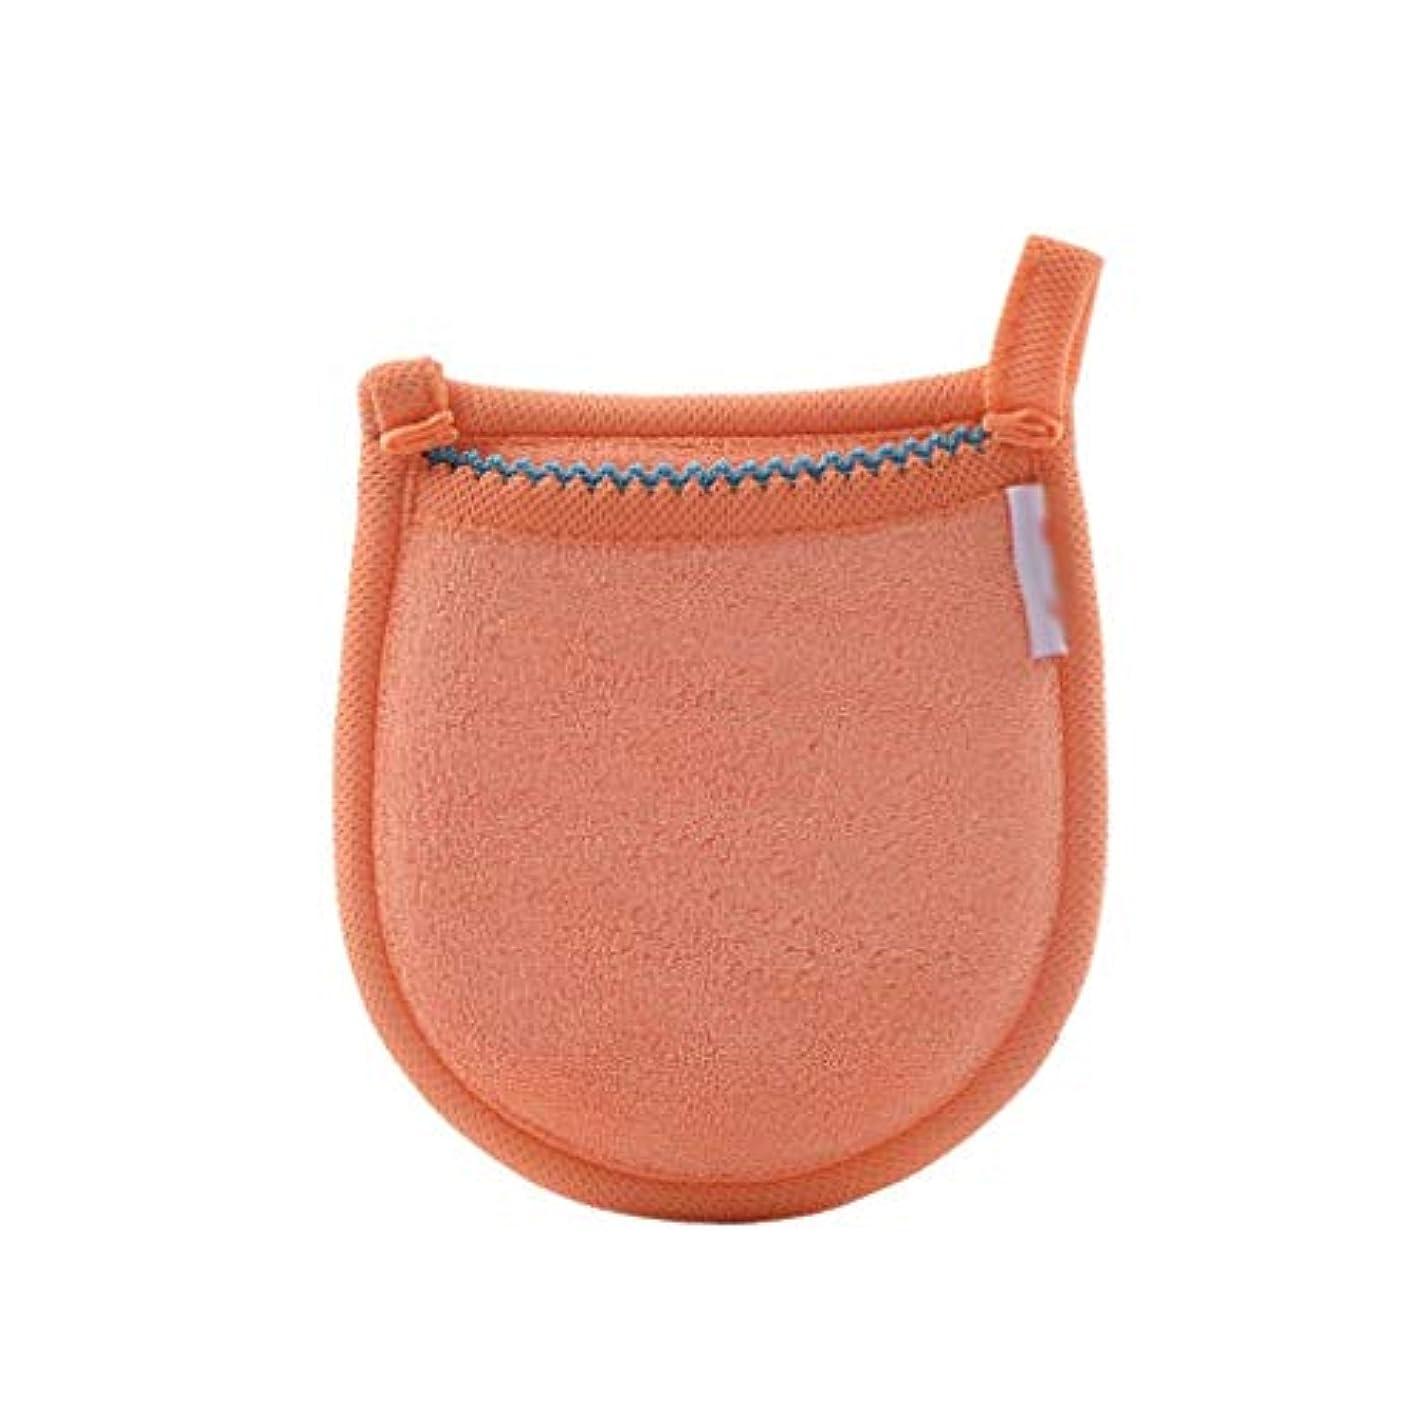 音節コンパス忌まわしい1ピースフェイシャル竹炭スポンジフェイスメイク落とし美容再利用可能なフェイスタオルクリーニンググローブ洗濯メイクアップツール (Color : Orange)